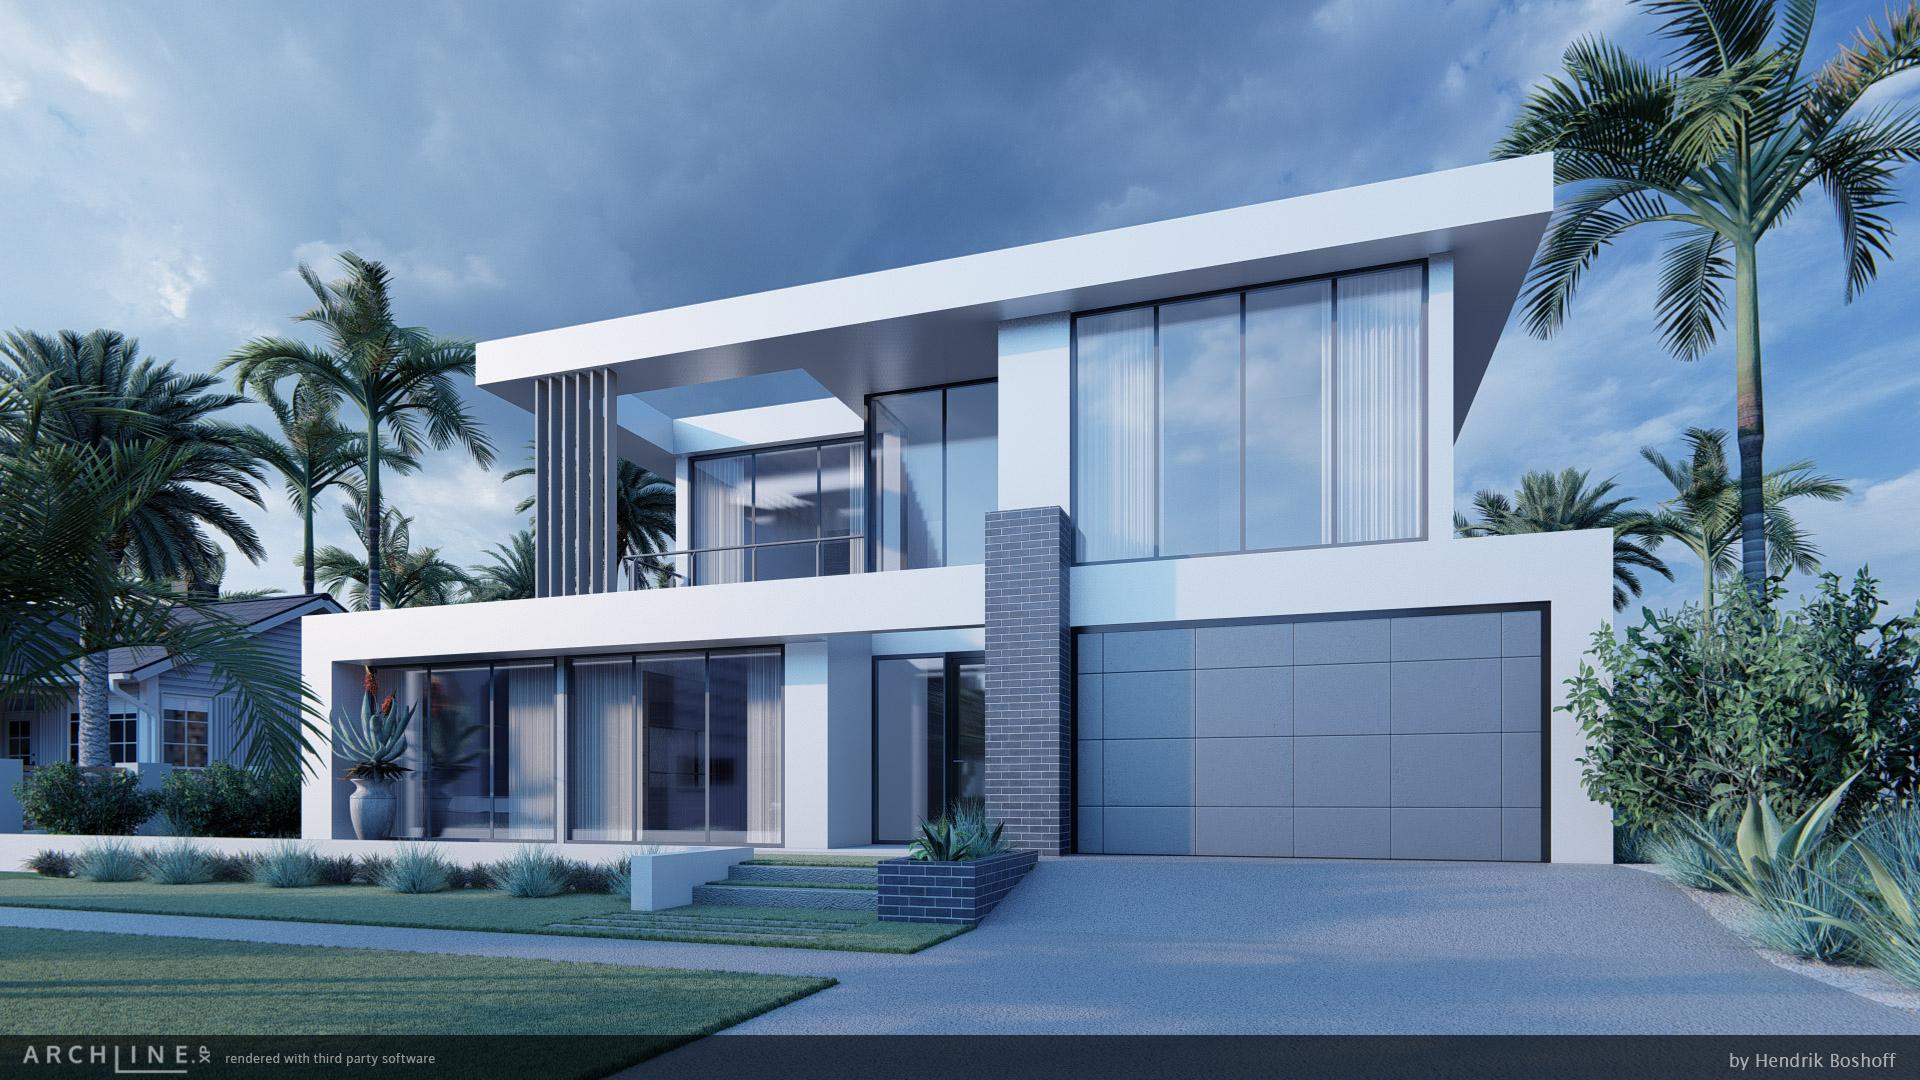 archlinexp-architecture-building-design-r-1